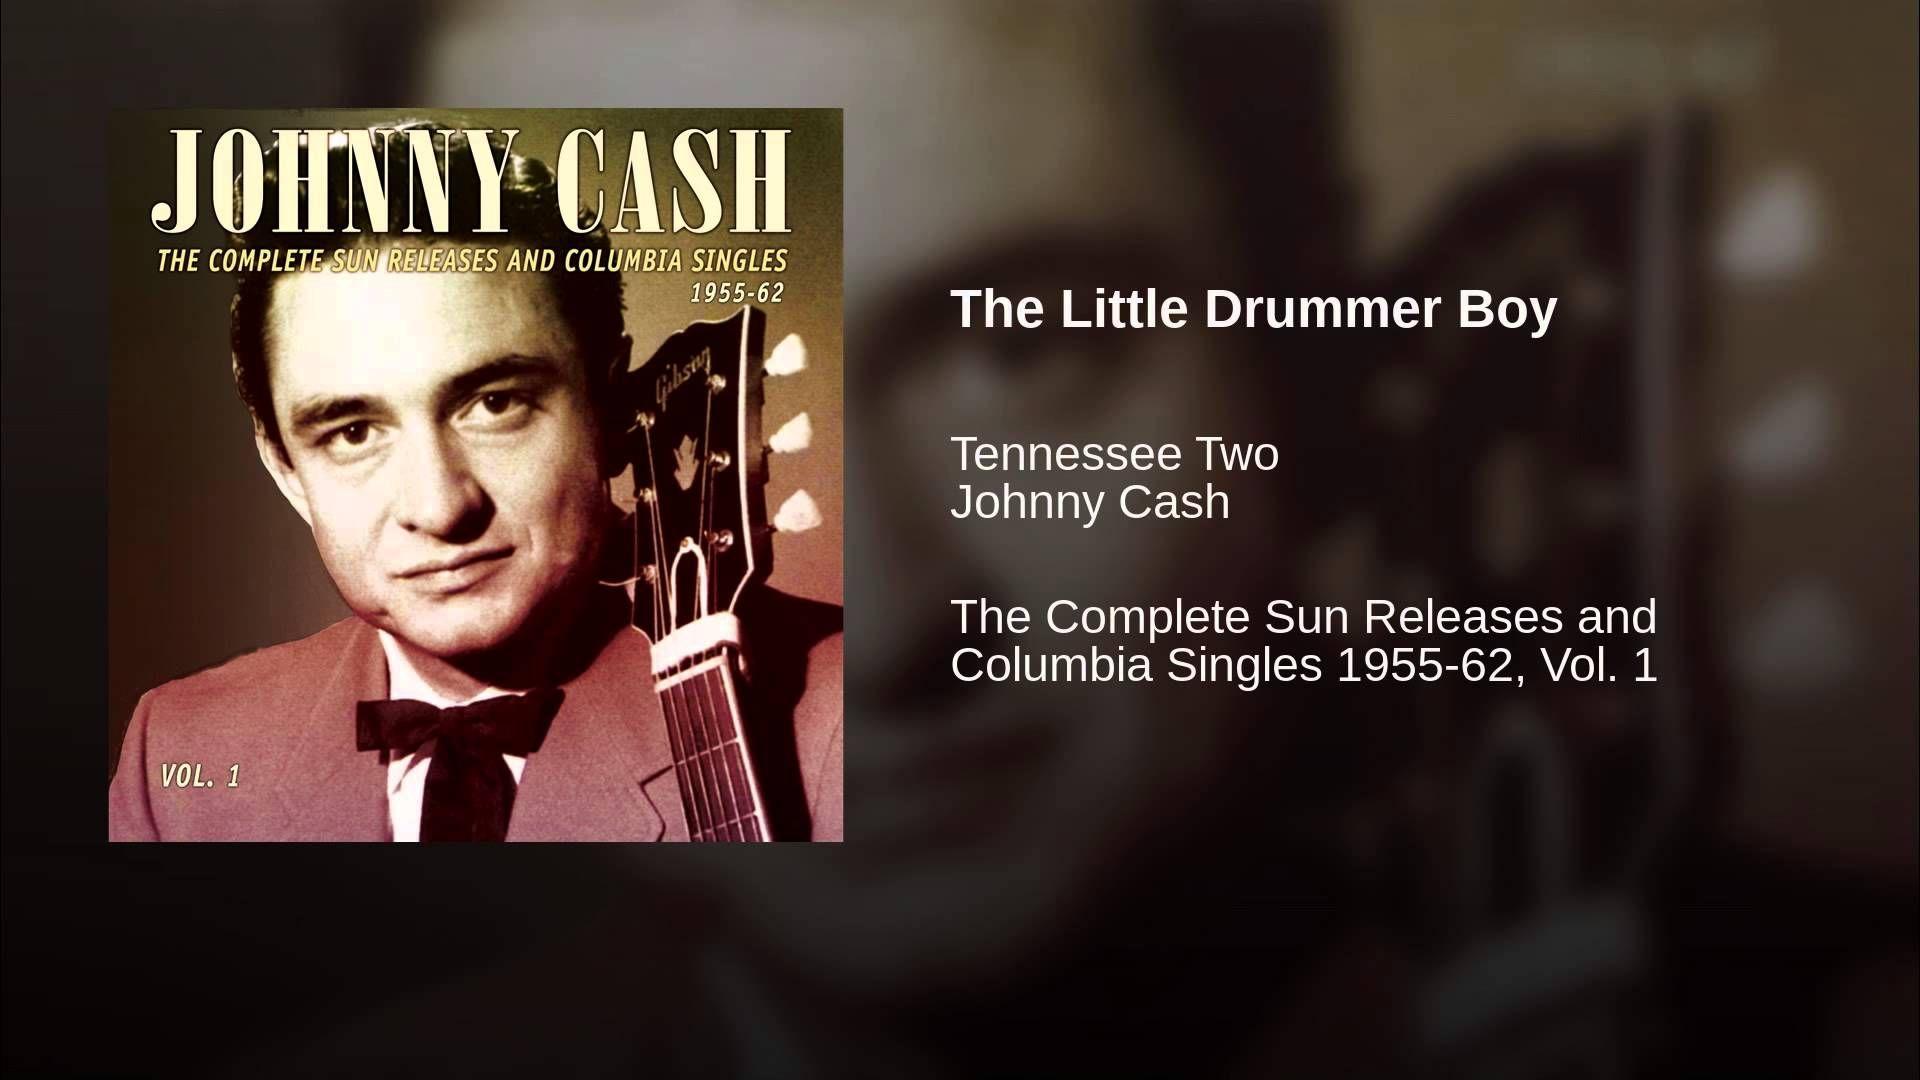 The Little Drummer Boy | songs | Pinterest | Drummer boy, Drummers ...